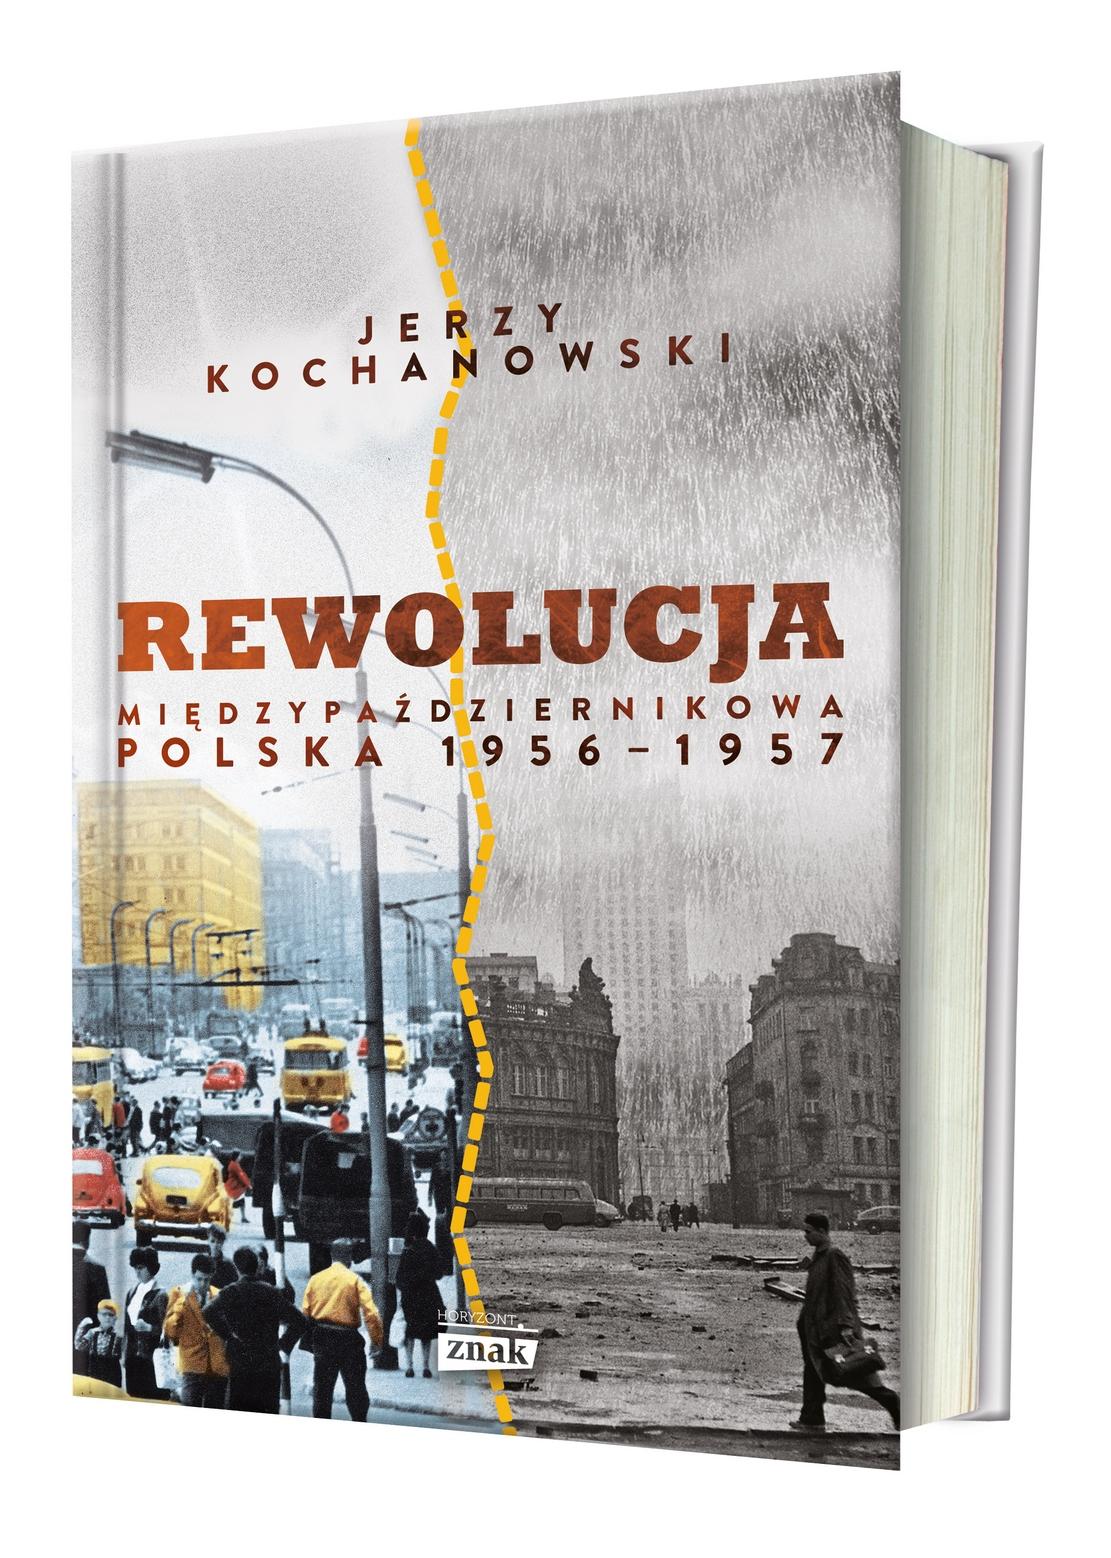 """Artykuł stanowi fragment najnowszej książki profesora Jerzego Kochanowskiego, zatytułowanej """"Rewolucja międzypaździernikowa. Polska 1956-1957"""" (Znak Horyzont 2017)."""